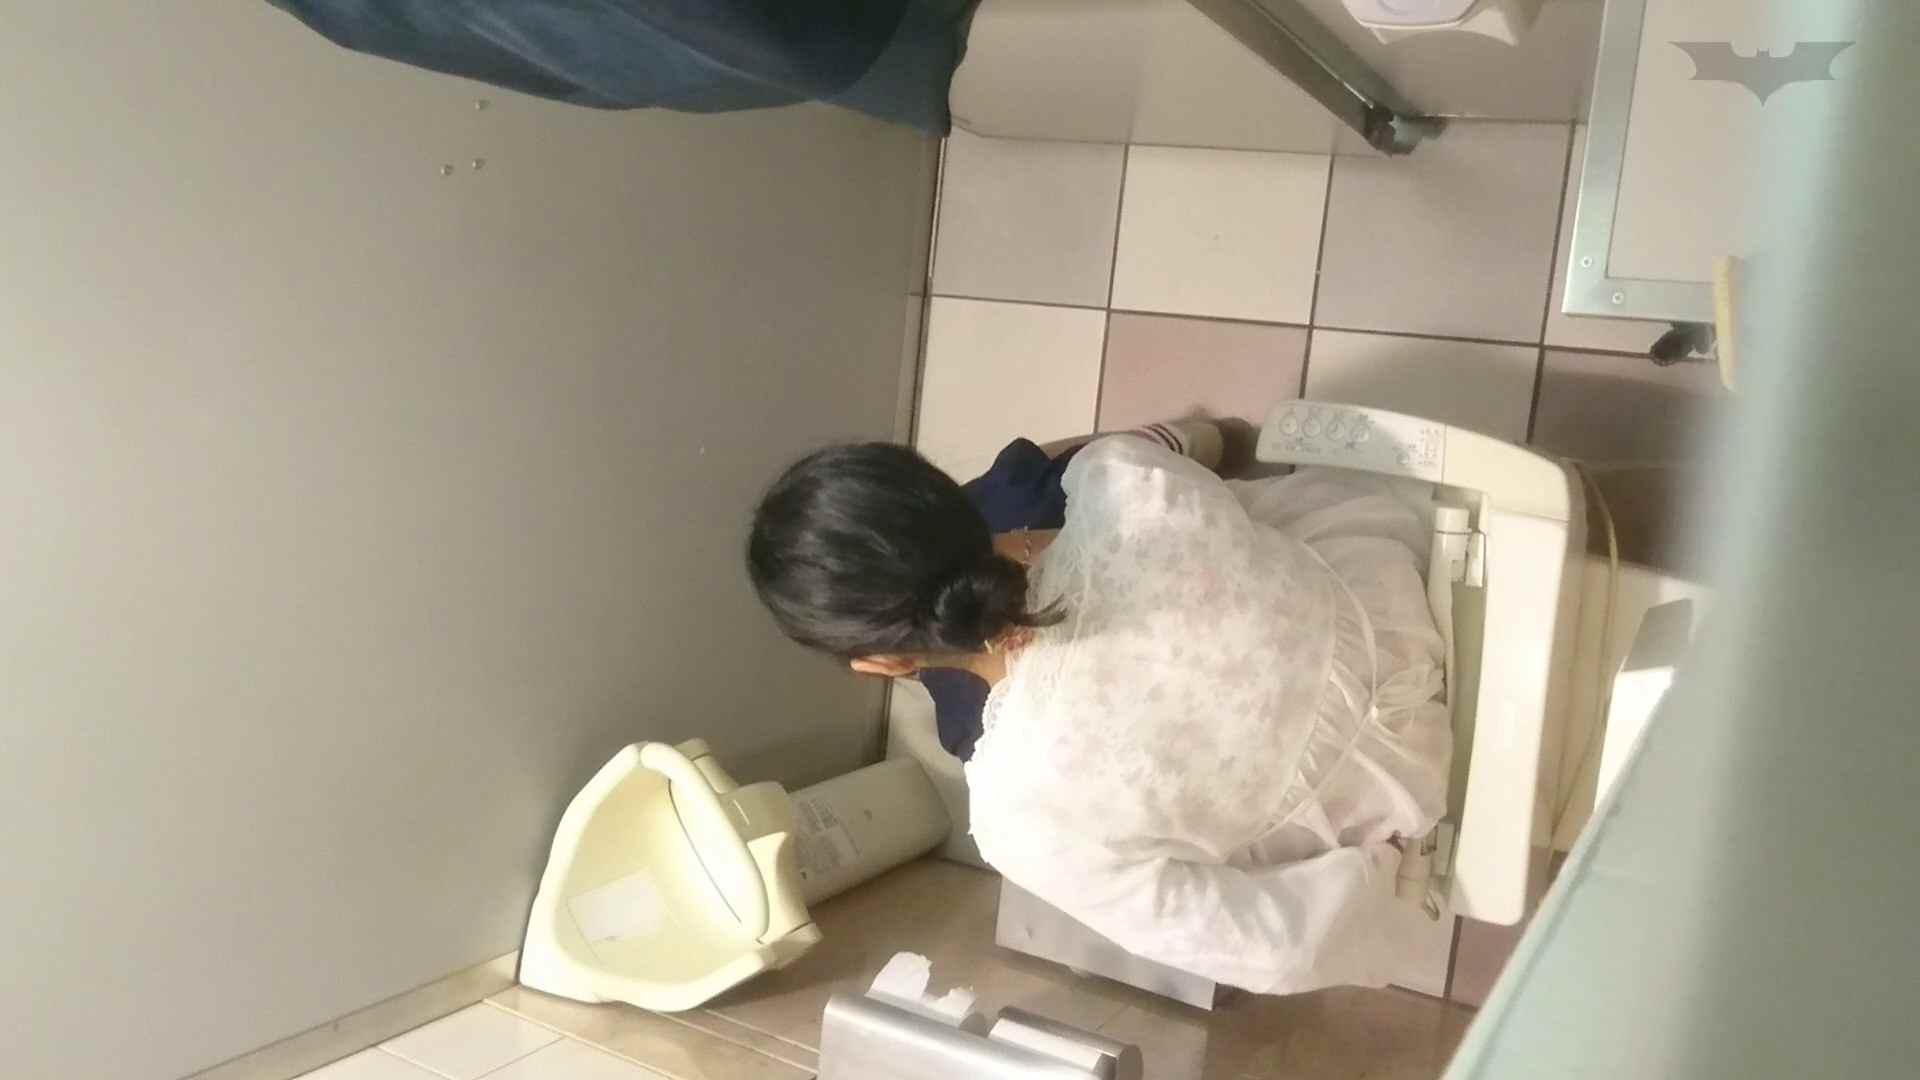 化粧室絵巻 ショッピングモール編 VOL.25 ギャル達 ワレメ無修正動画無料 94枚 92